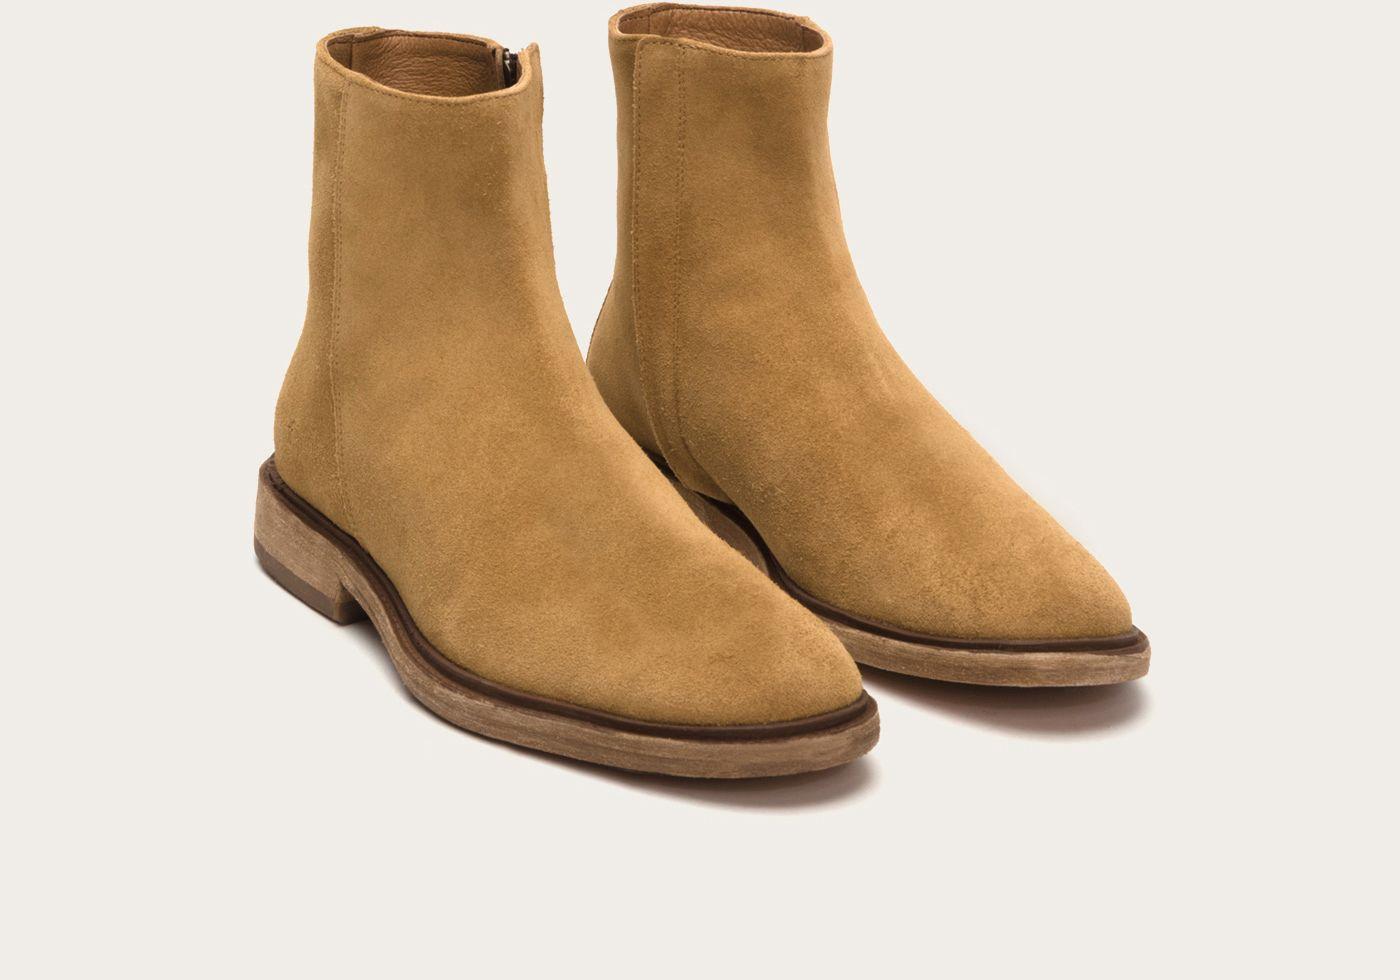 0fe271de5c7 Chris Inside Zip Boots | FRYE Since 1863 in 2019 | Footwear | Boots ...